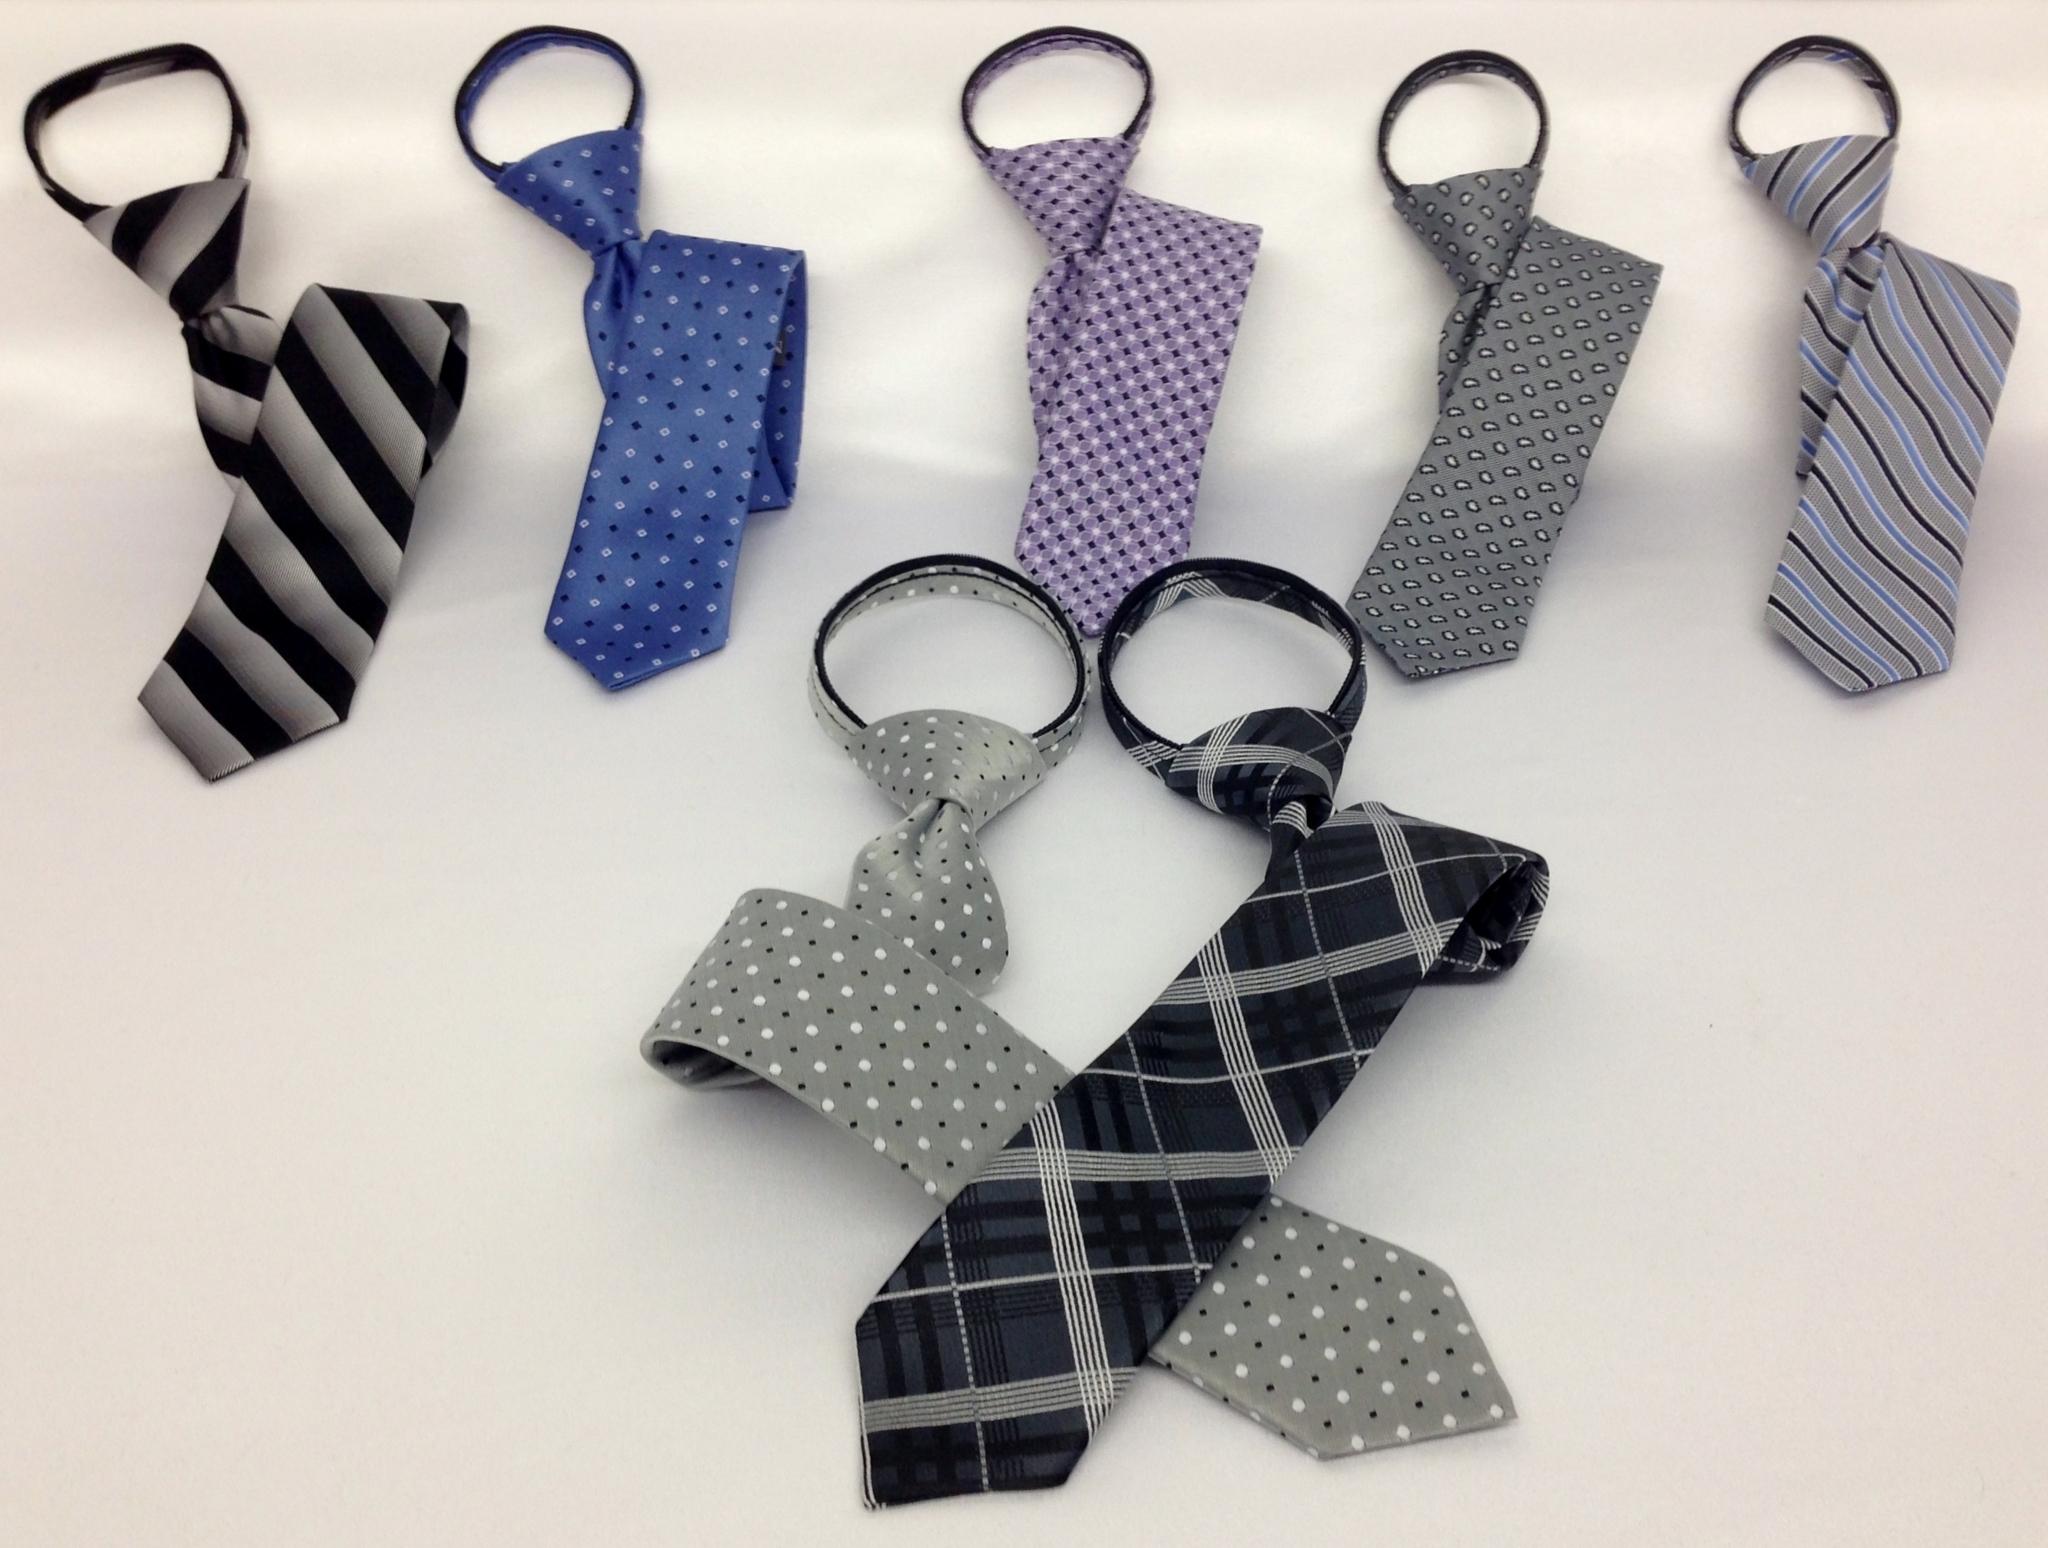 Carizma Distribution Inc à Montréal: Zipper Ties for Men and Boys